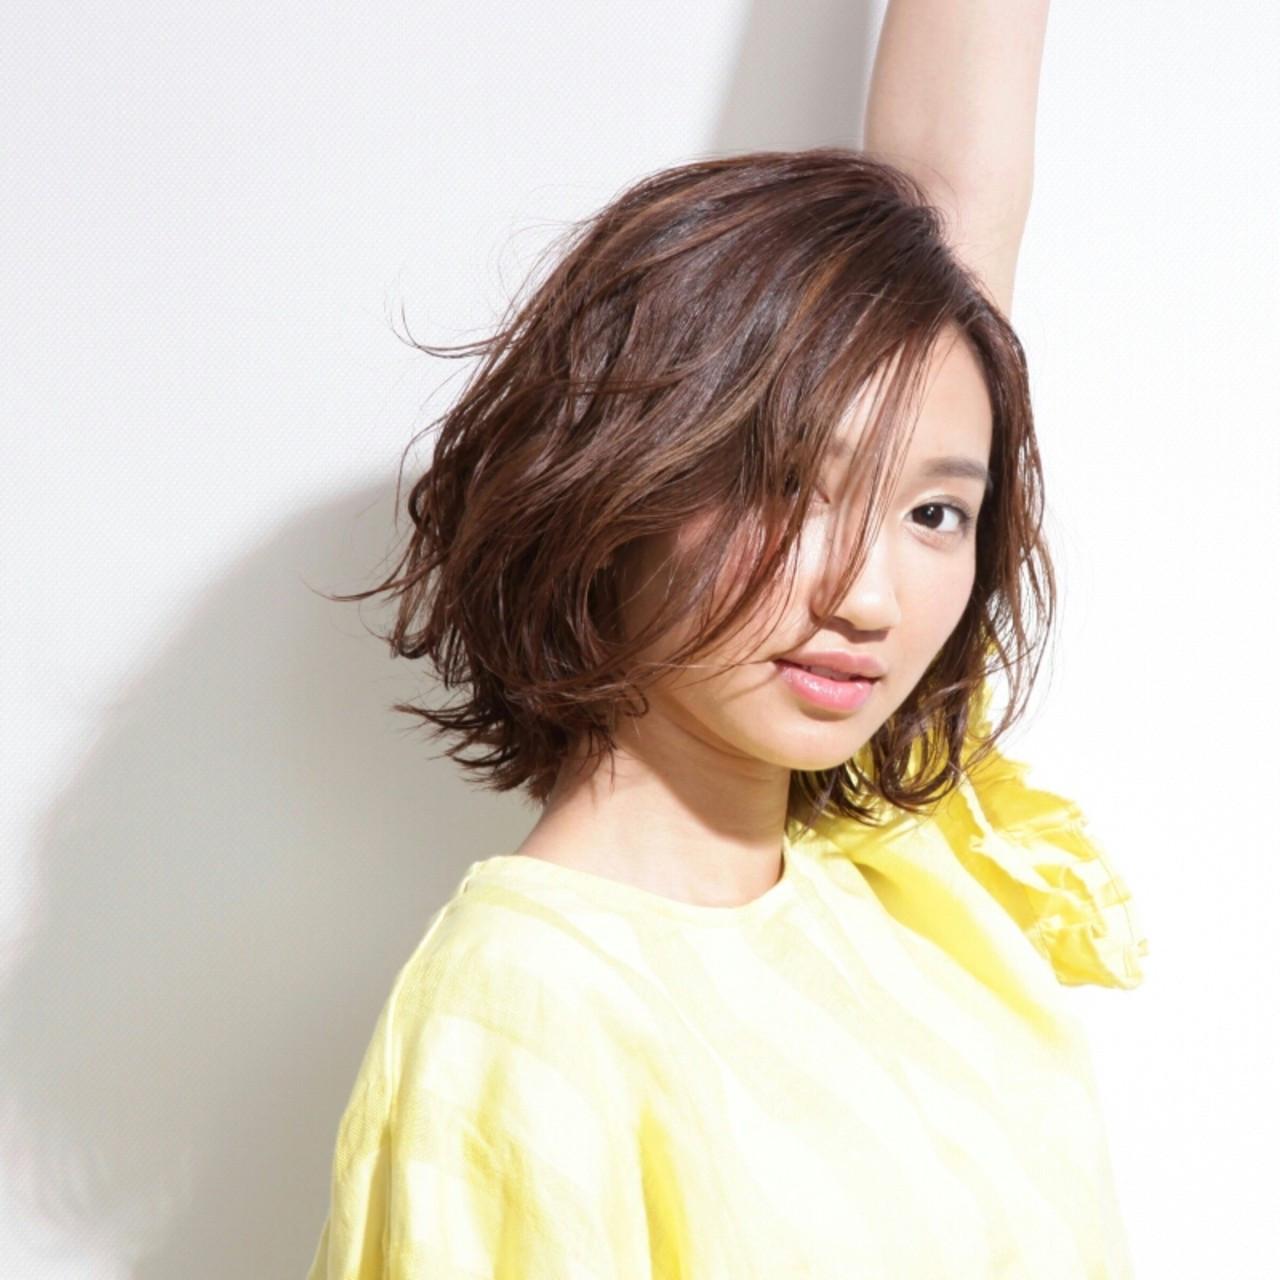 【ショートヘア画像集】こんな髪型にしたい♡真似したくなるヘアスタイル 阿藤俊也